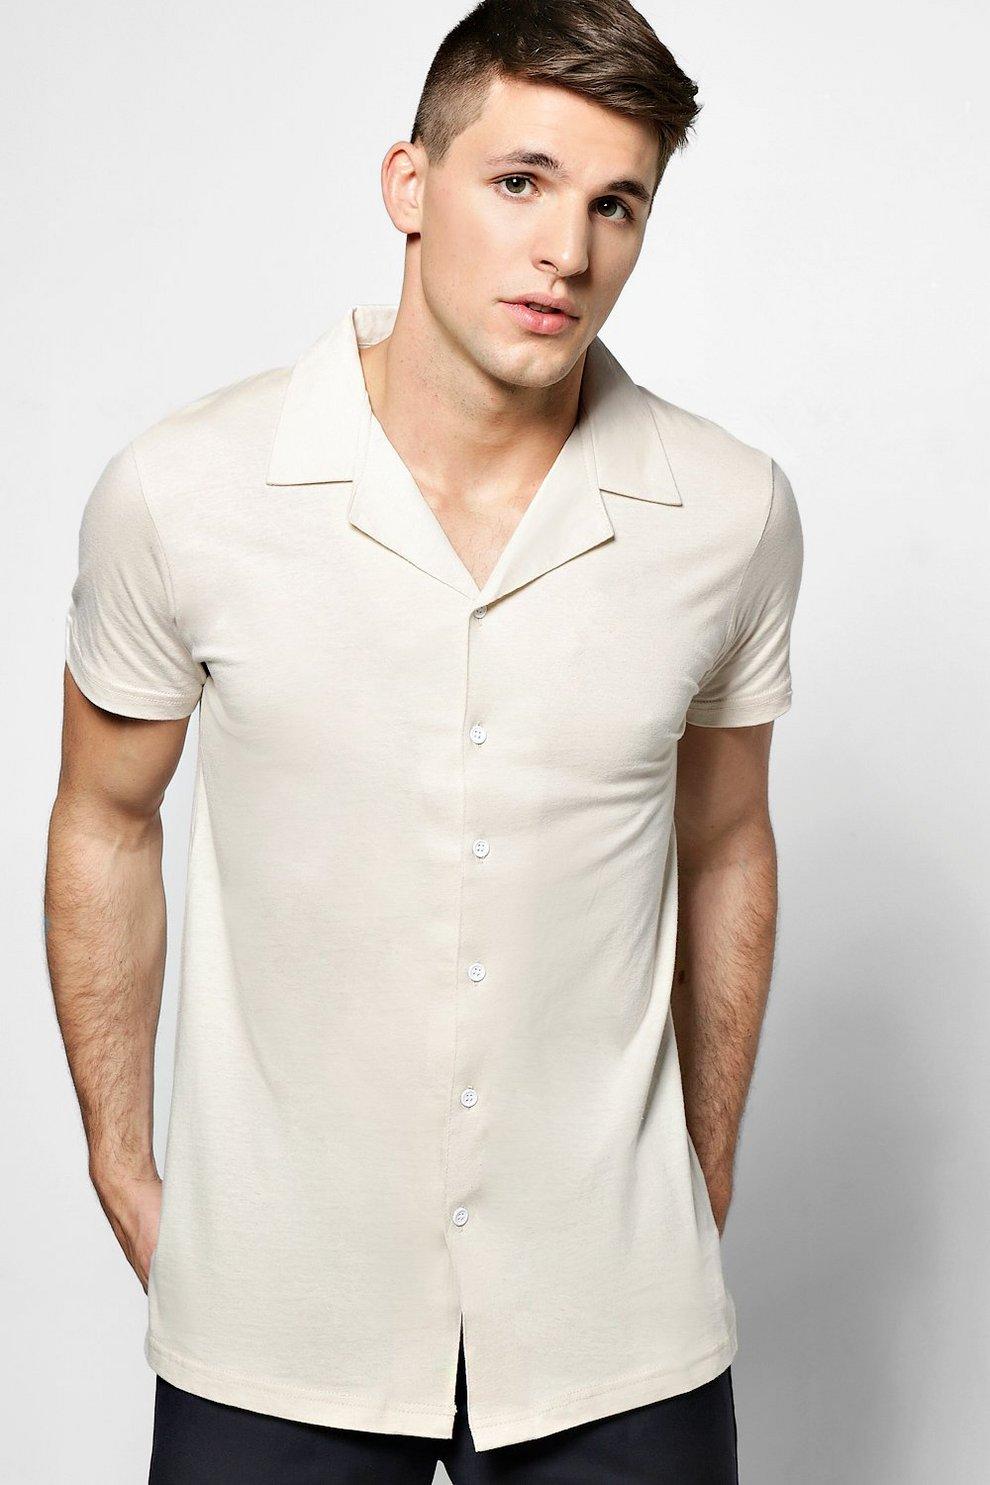 4e510715f4a8d Jersey Revere Collar Short Sleeve Shirt